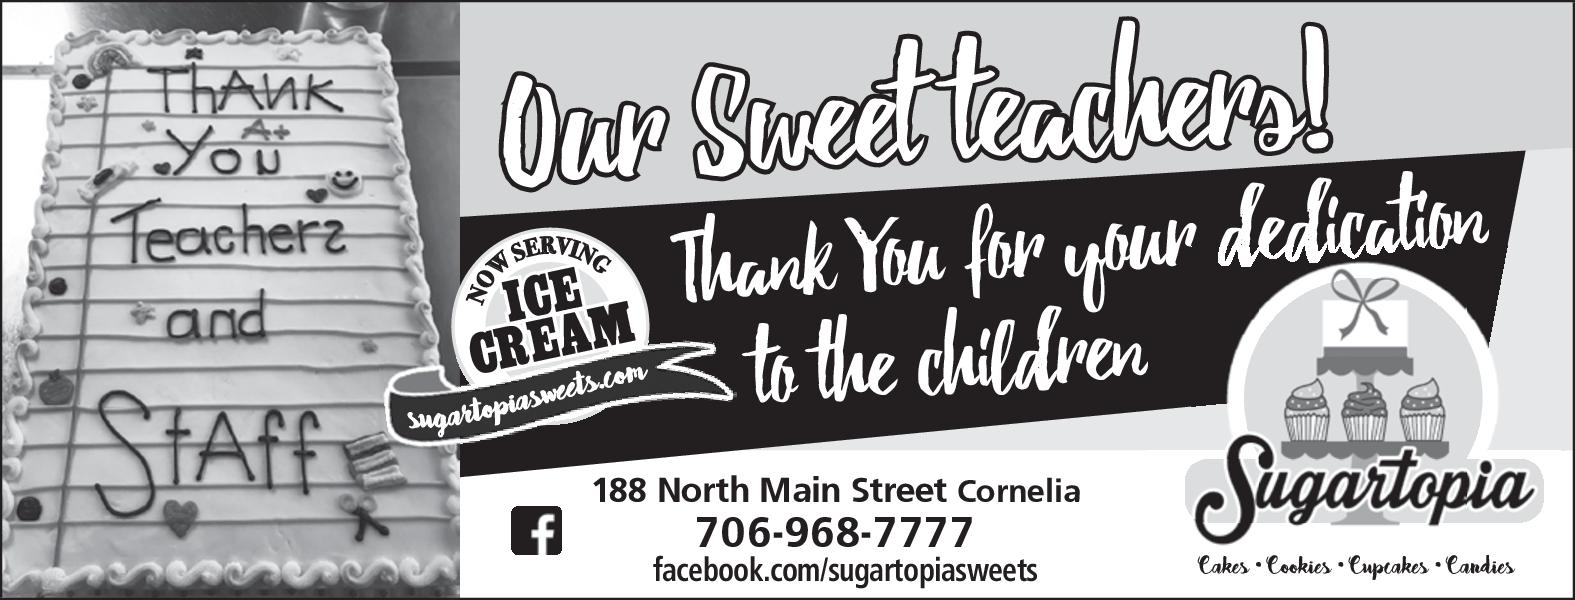 Best Quality Birthday Cakes & Ice Creams Available In Cornelia, Ga